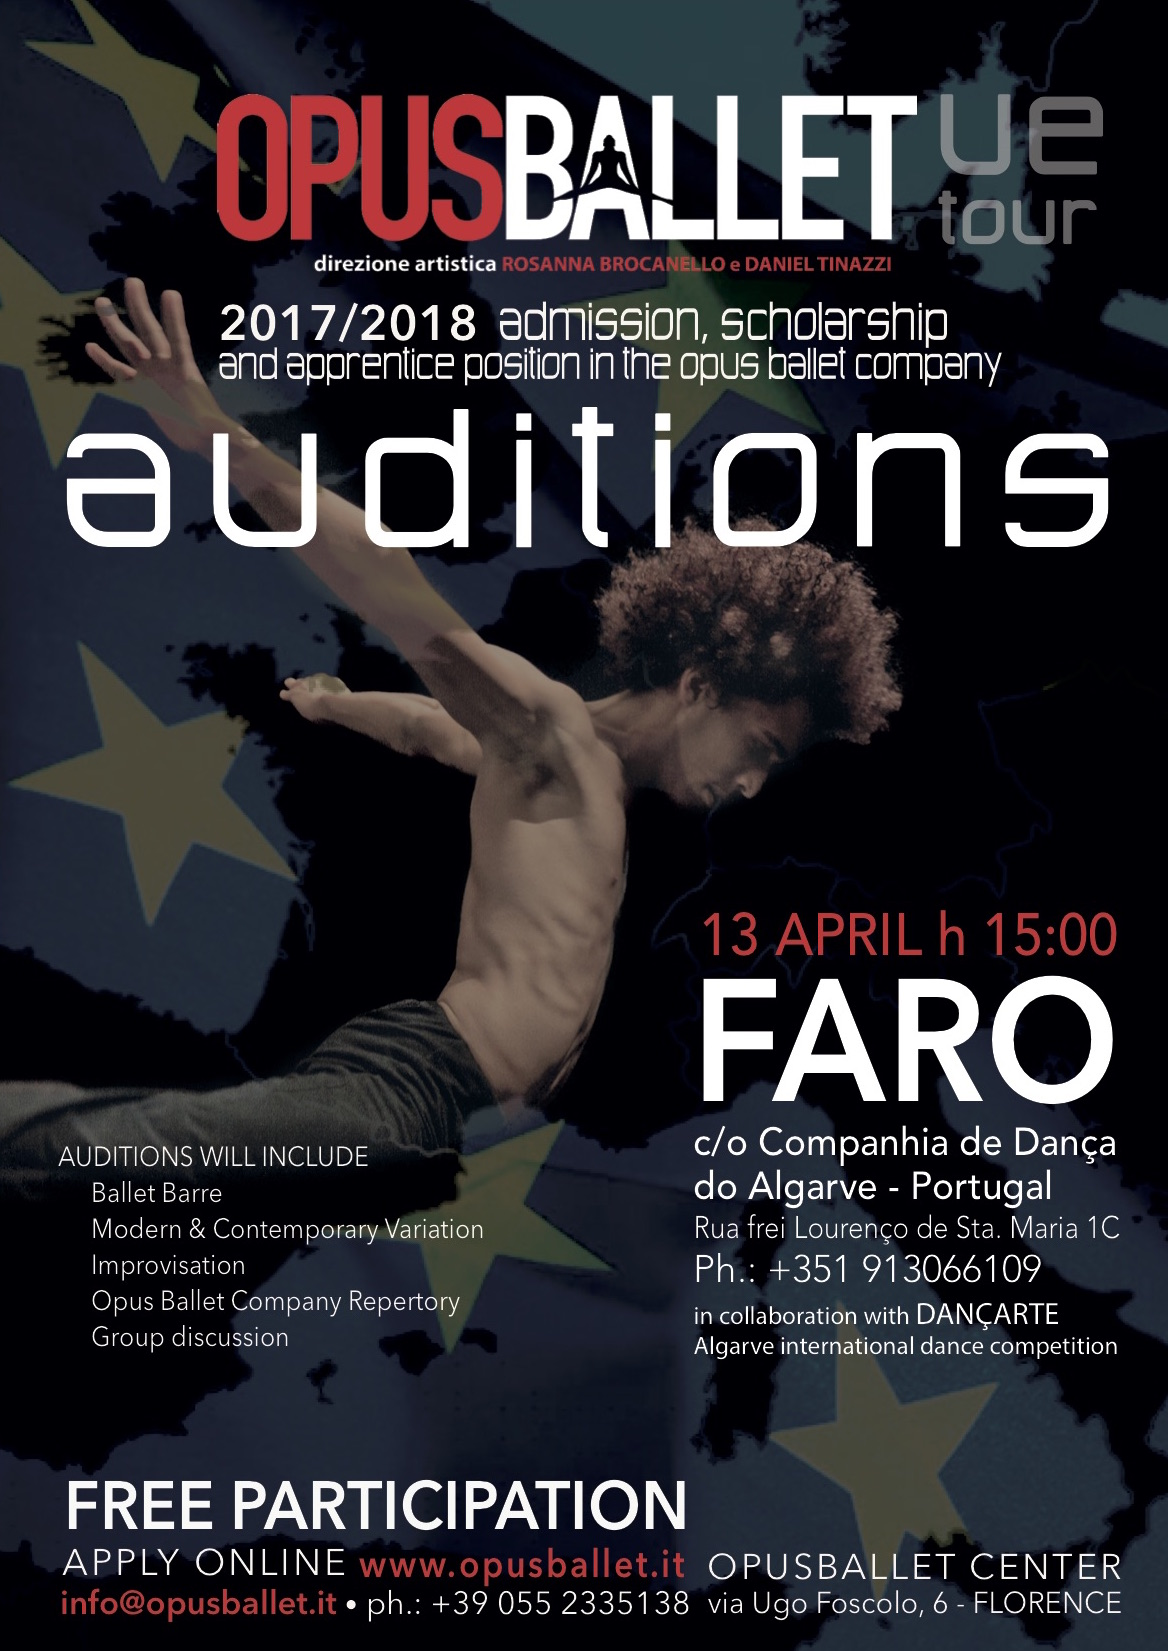 A3_Audizioni2017 FAROweb